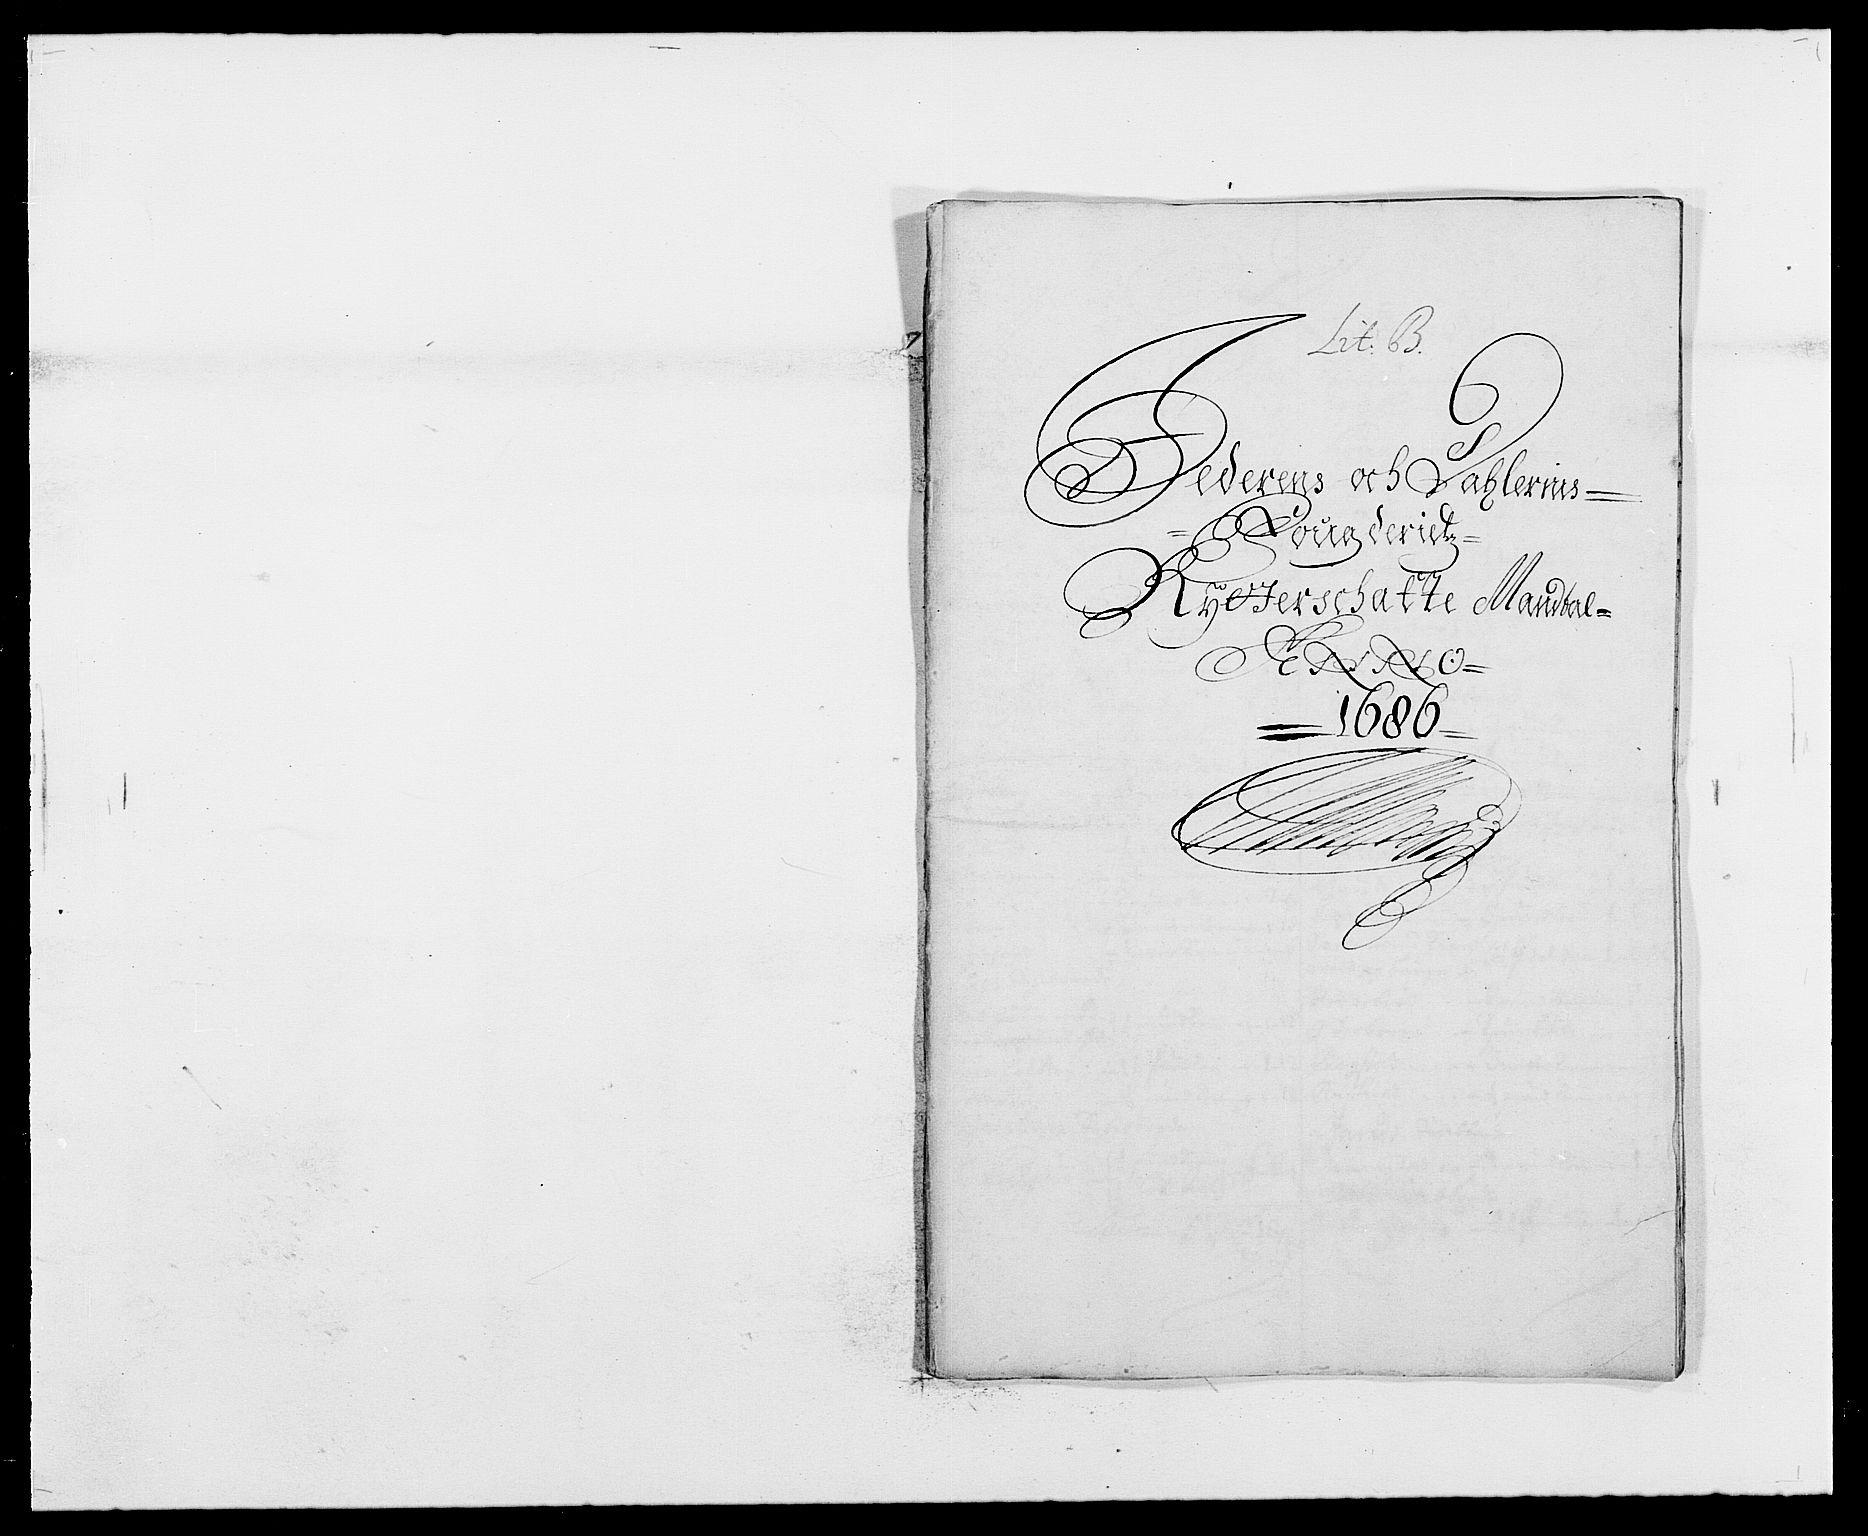 RA, Rentekammeret inntil 1814, Reviderte regnskaper, Fogderegnskap, R46/L2726: Fogderegnskap Jæren og Dalane, 1686-1689, s. 24